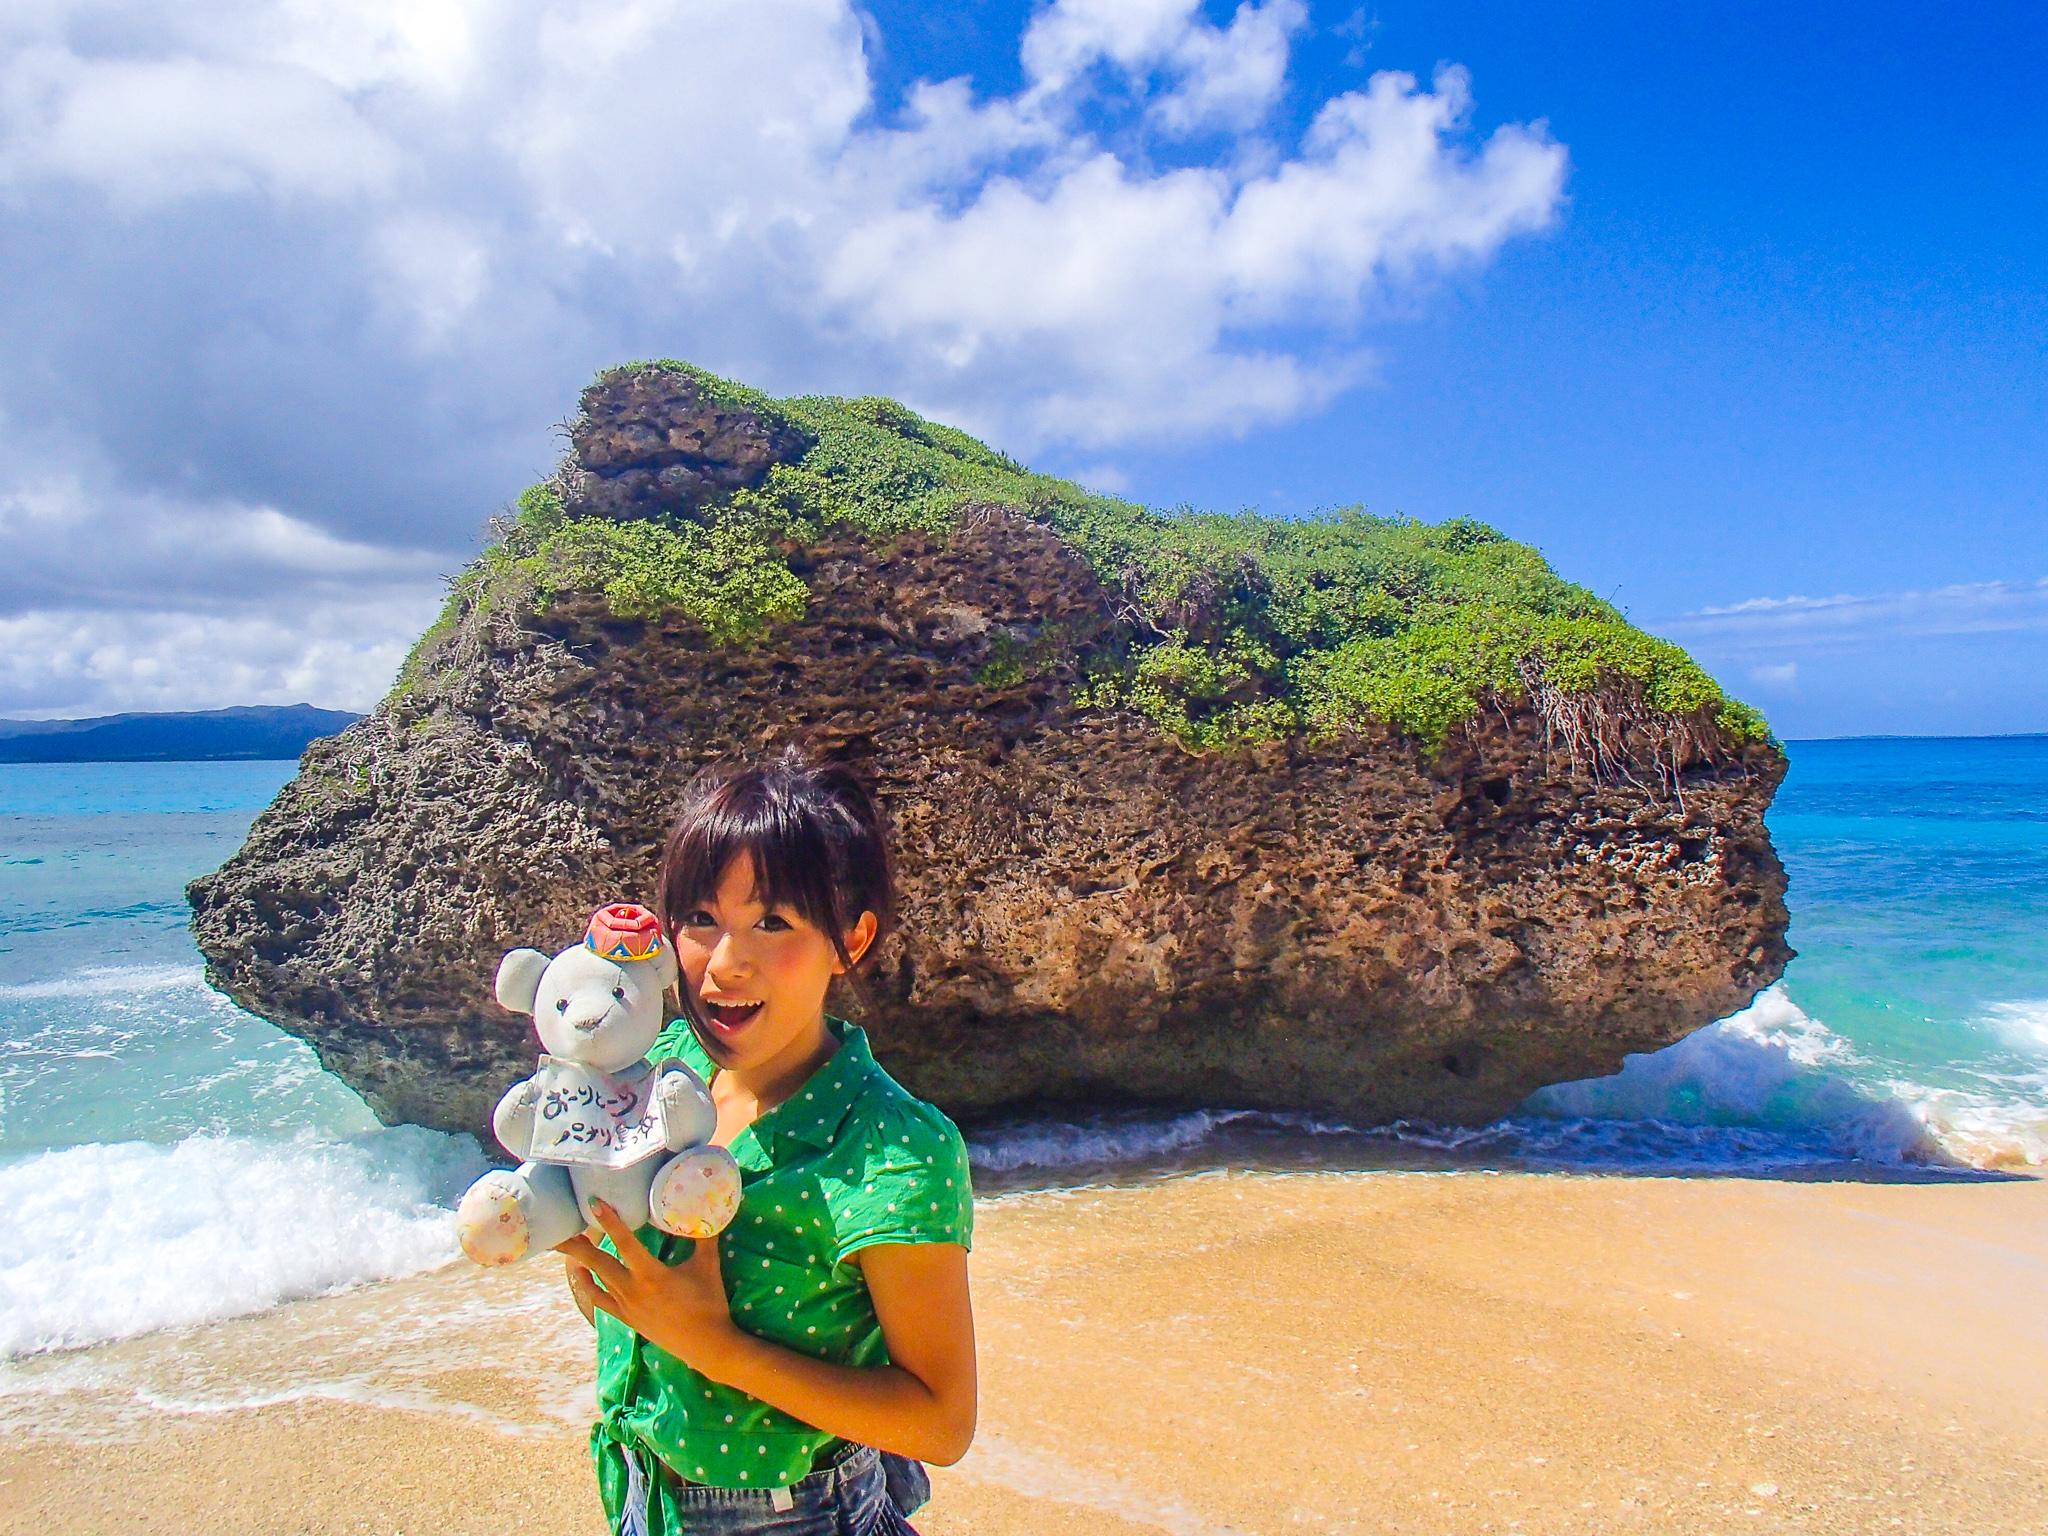 のんびりパナリ島(新城島)散策ツアー-1日コース-(No.387)